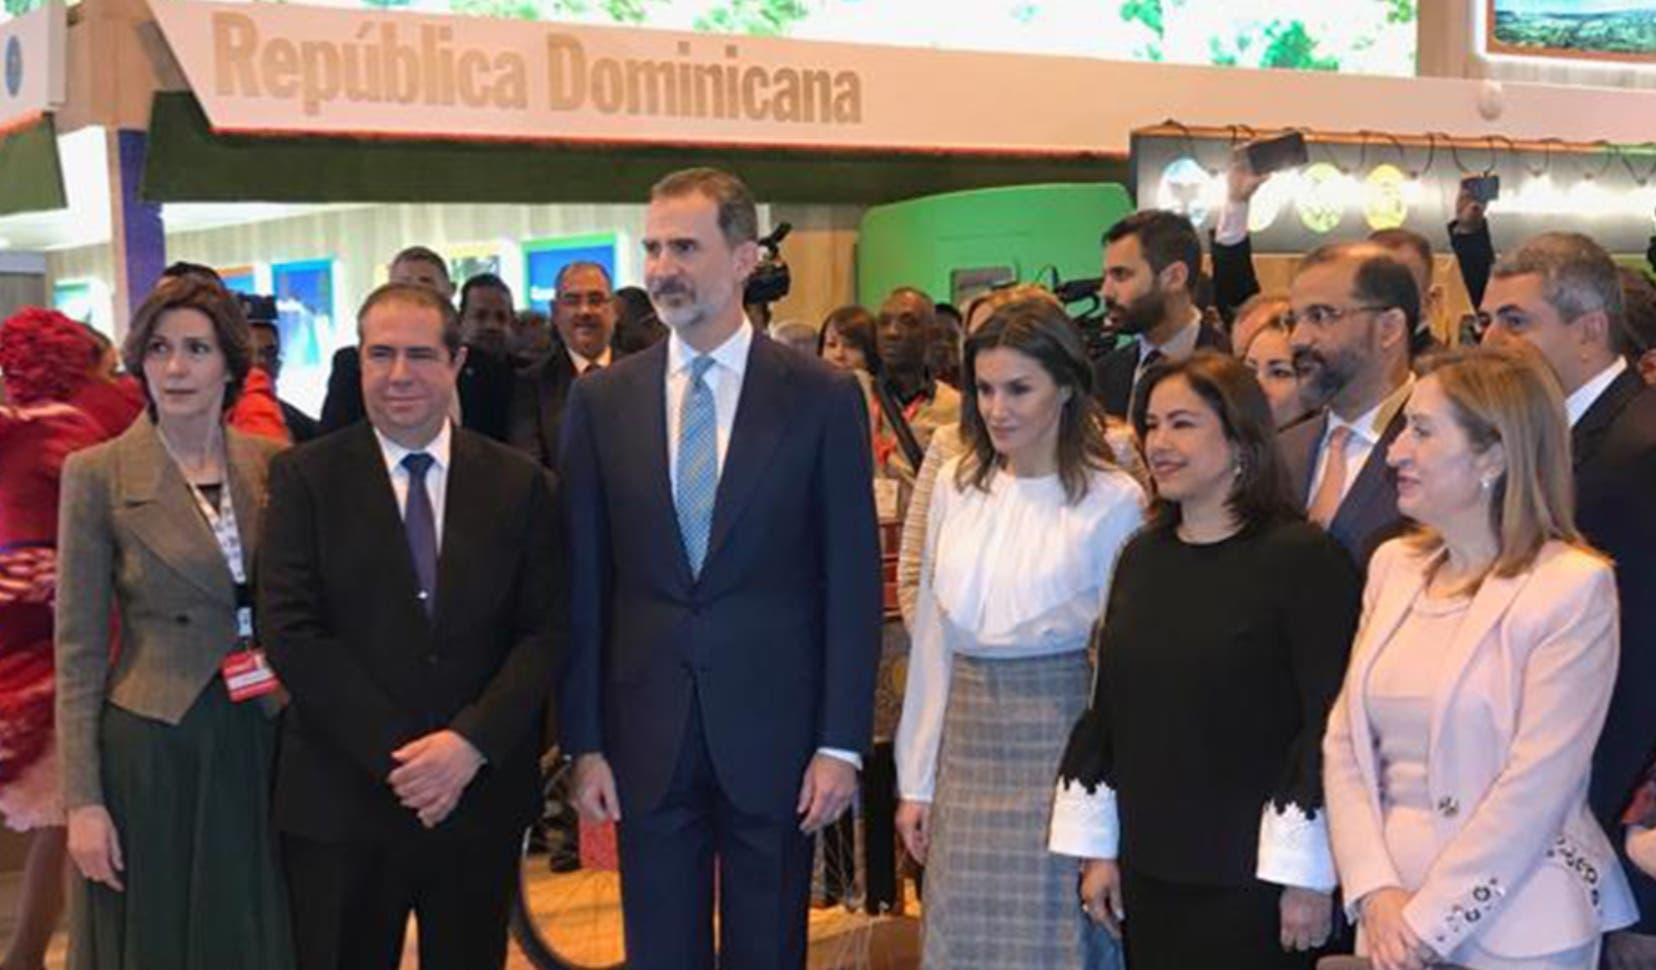 Los reyes de España, Felipe y Letizia, visitaron el estand   de República Dominicana, país socio de Fitur 2019.  fuente externa